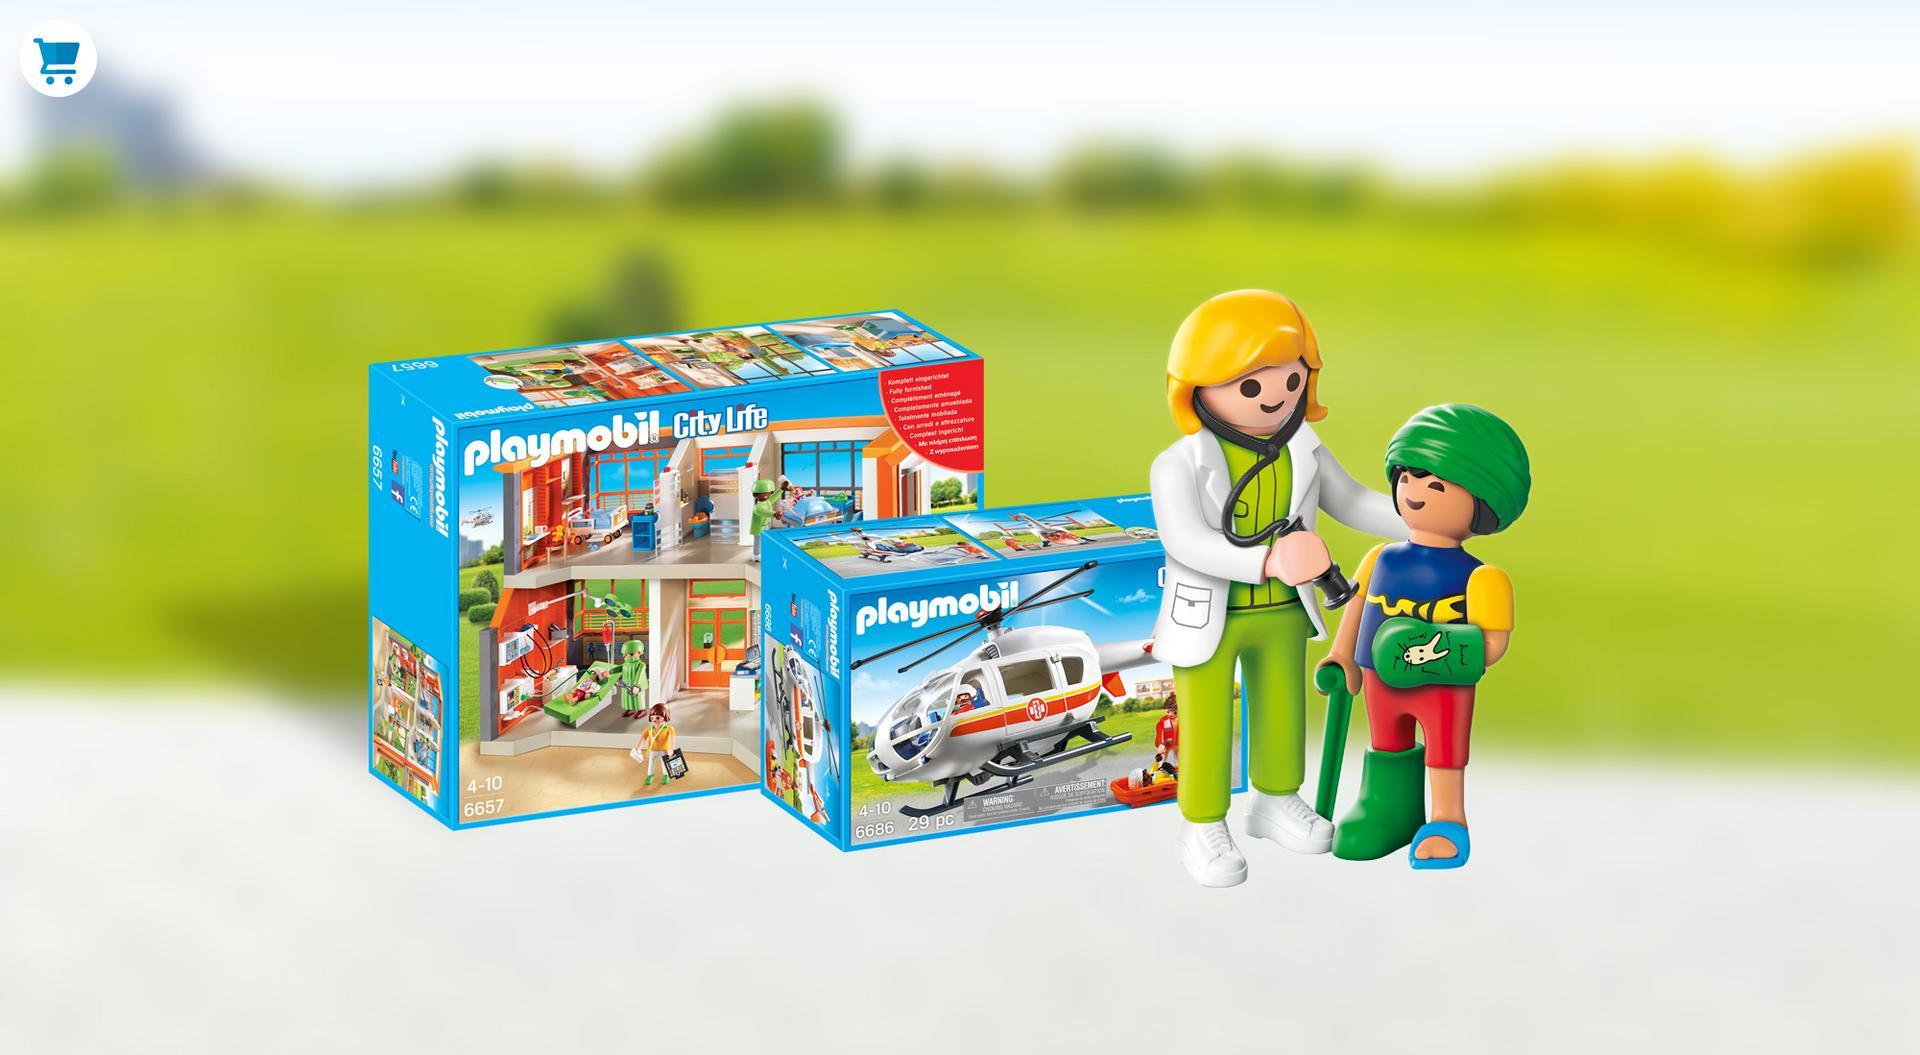 מבצעים על משחק הילדים הנמכר playmobil